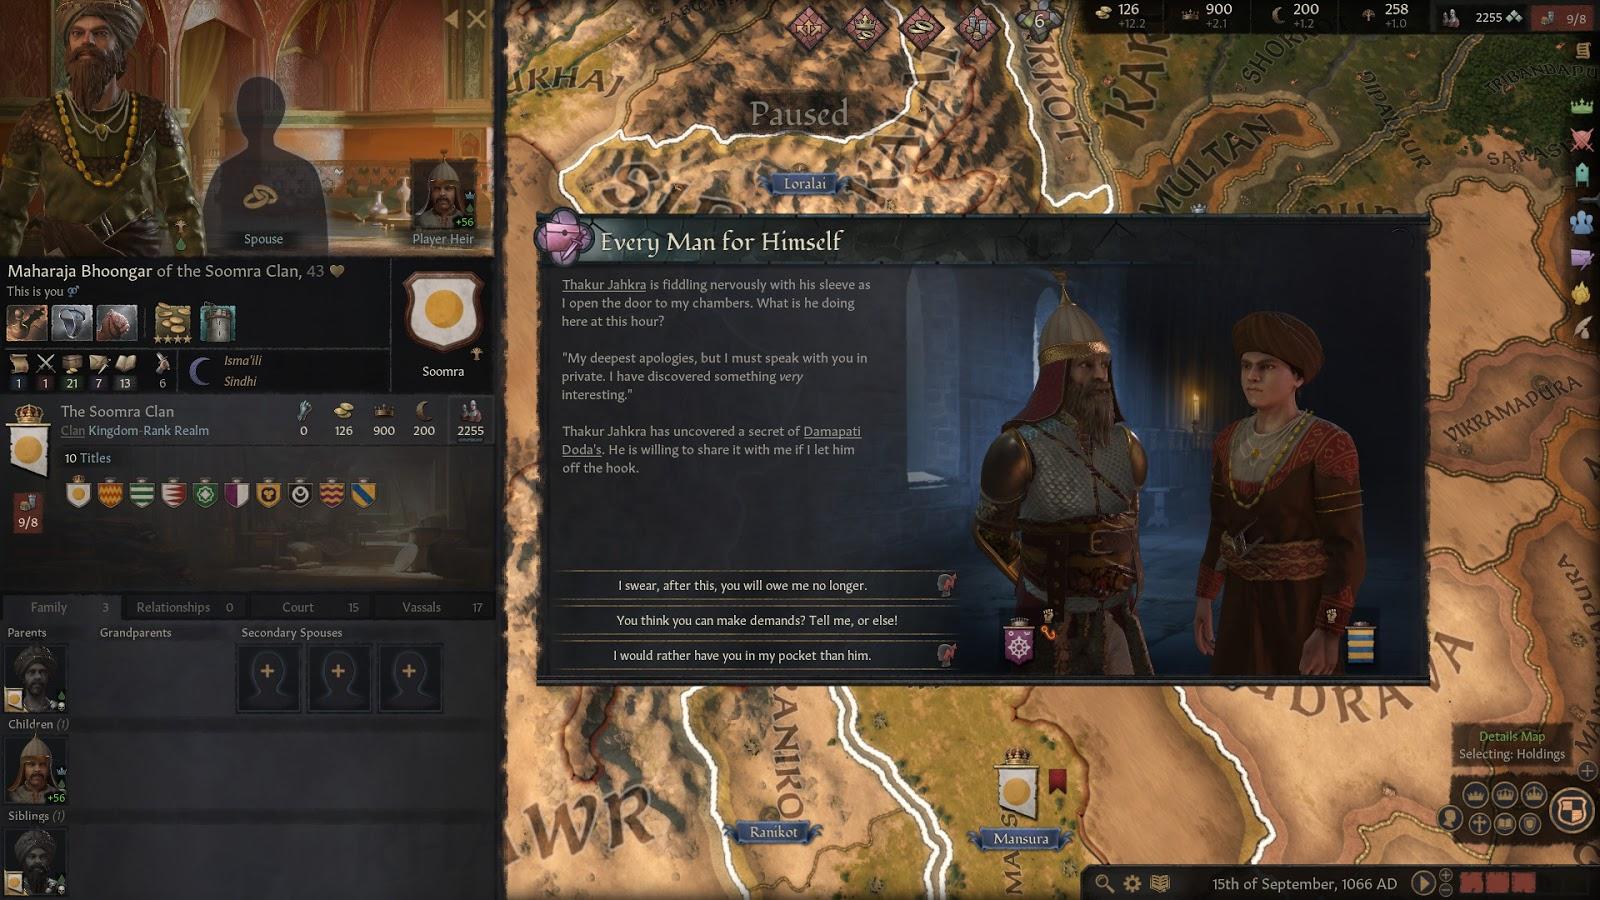 crusader-kings-3-royal-edition-pc-screenshot-02